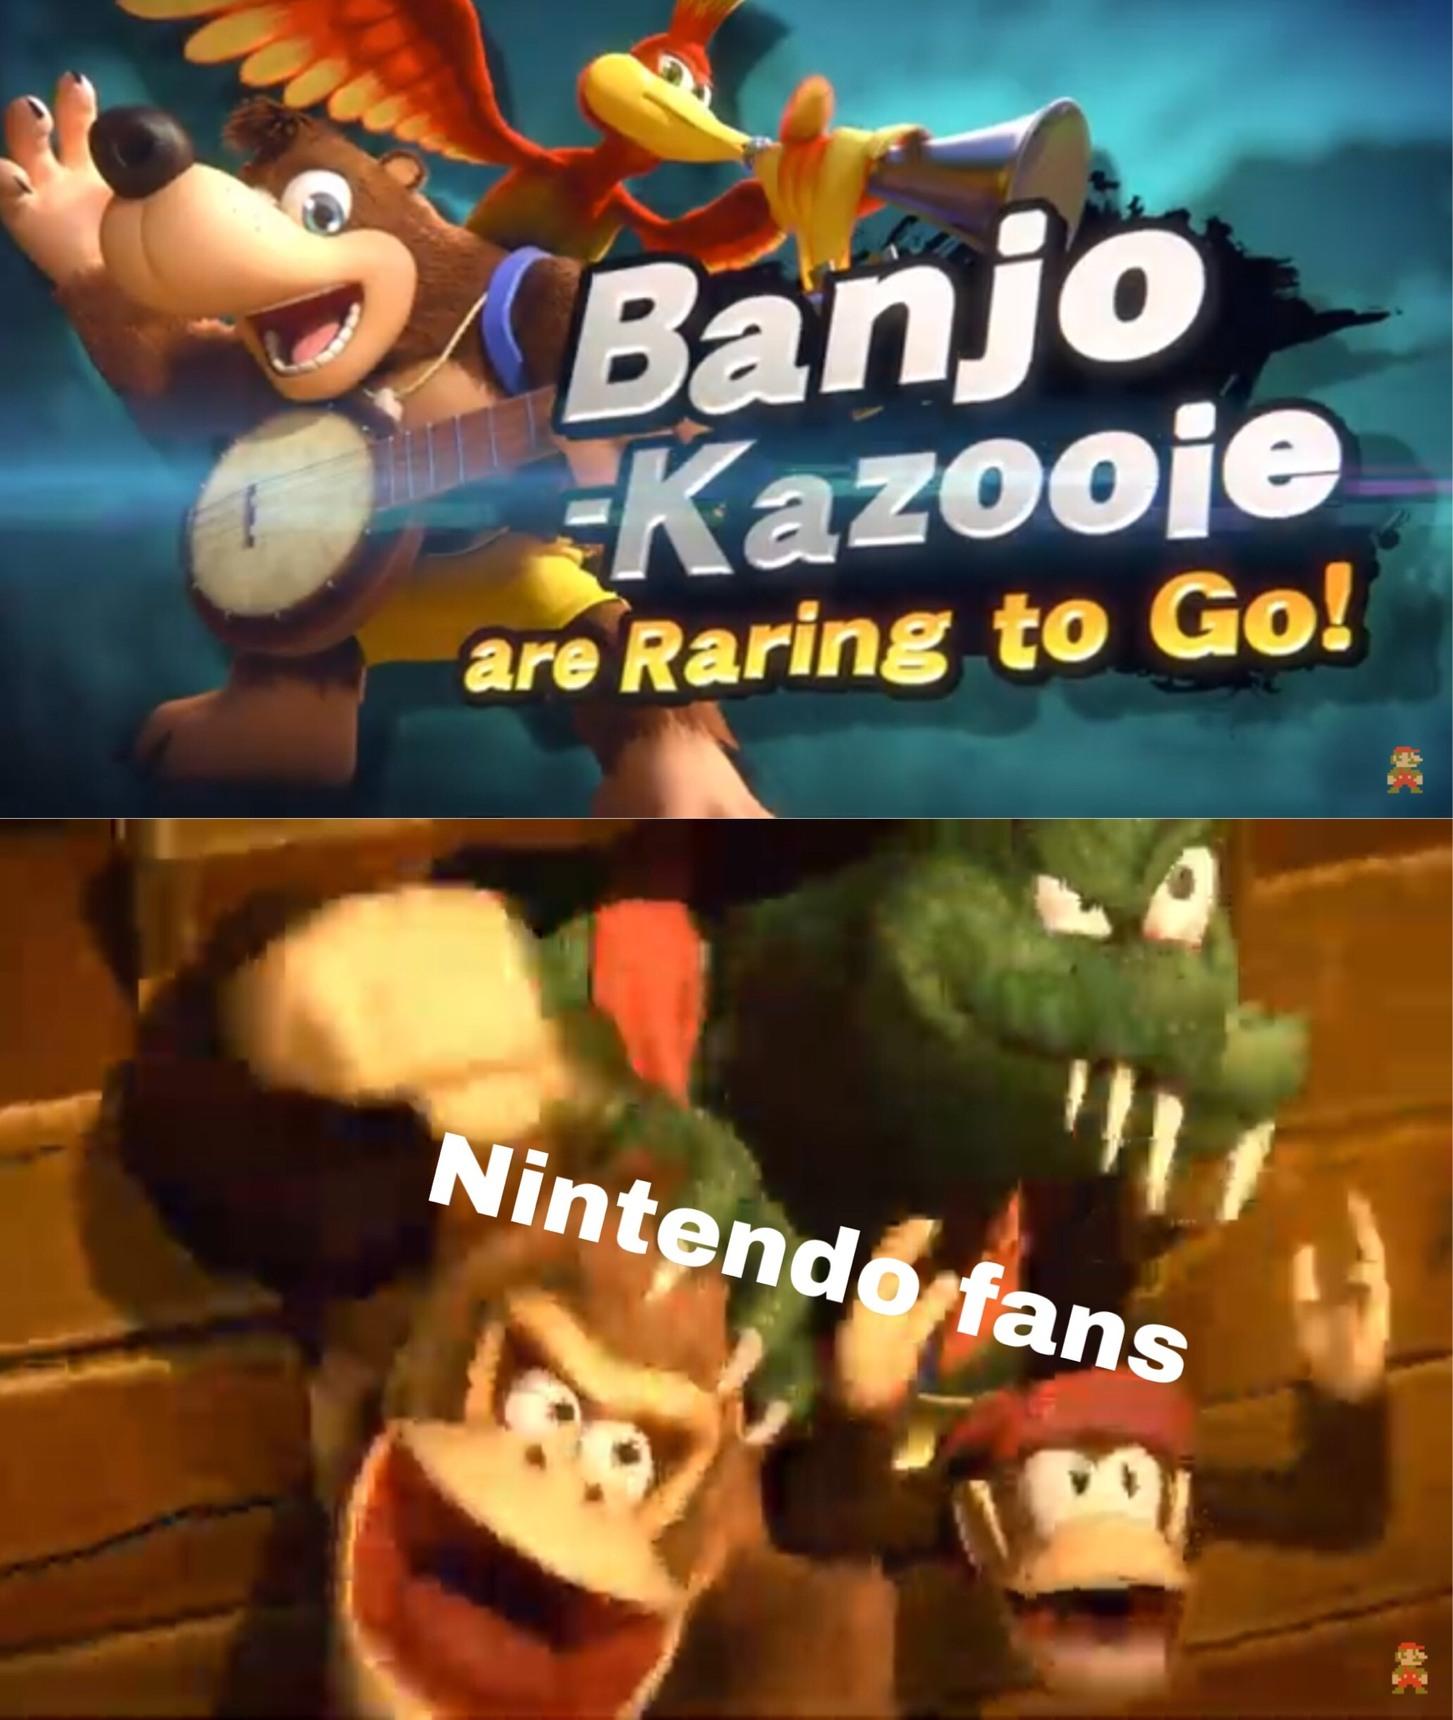 todos en el E3 - meme